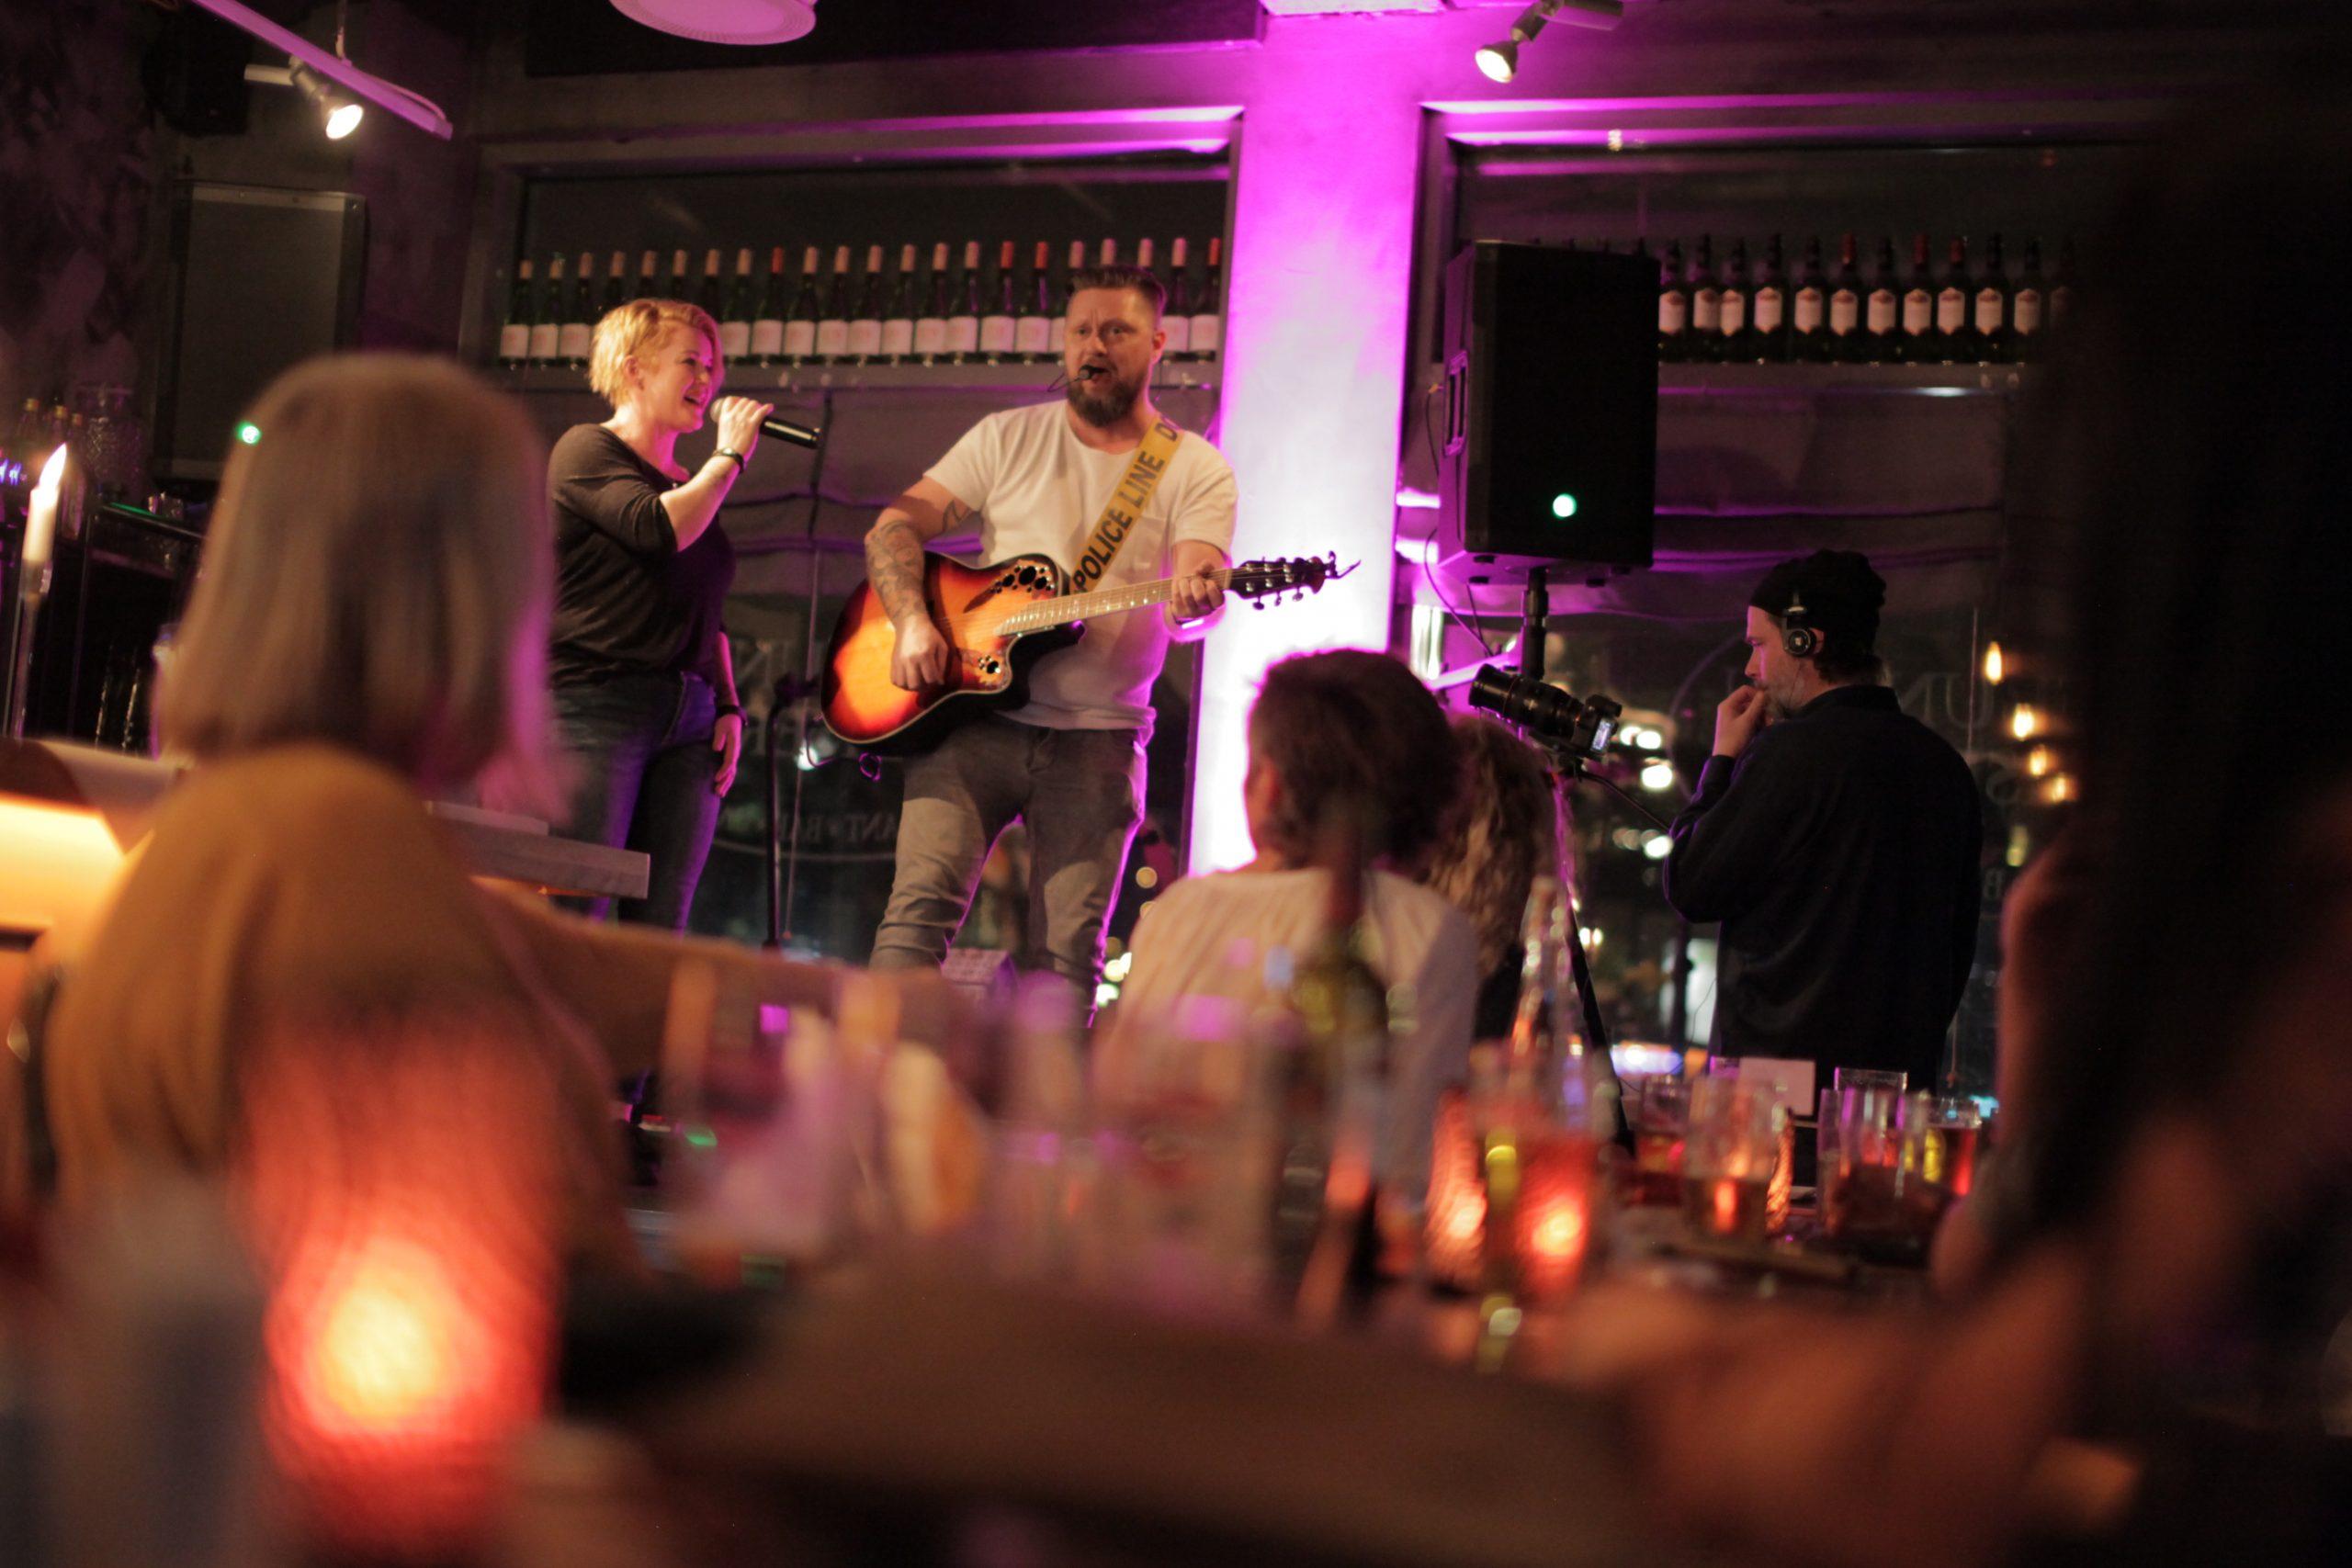 Live musikk til julebord - TwoPack akustisk duo